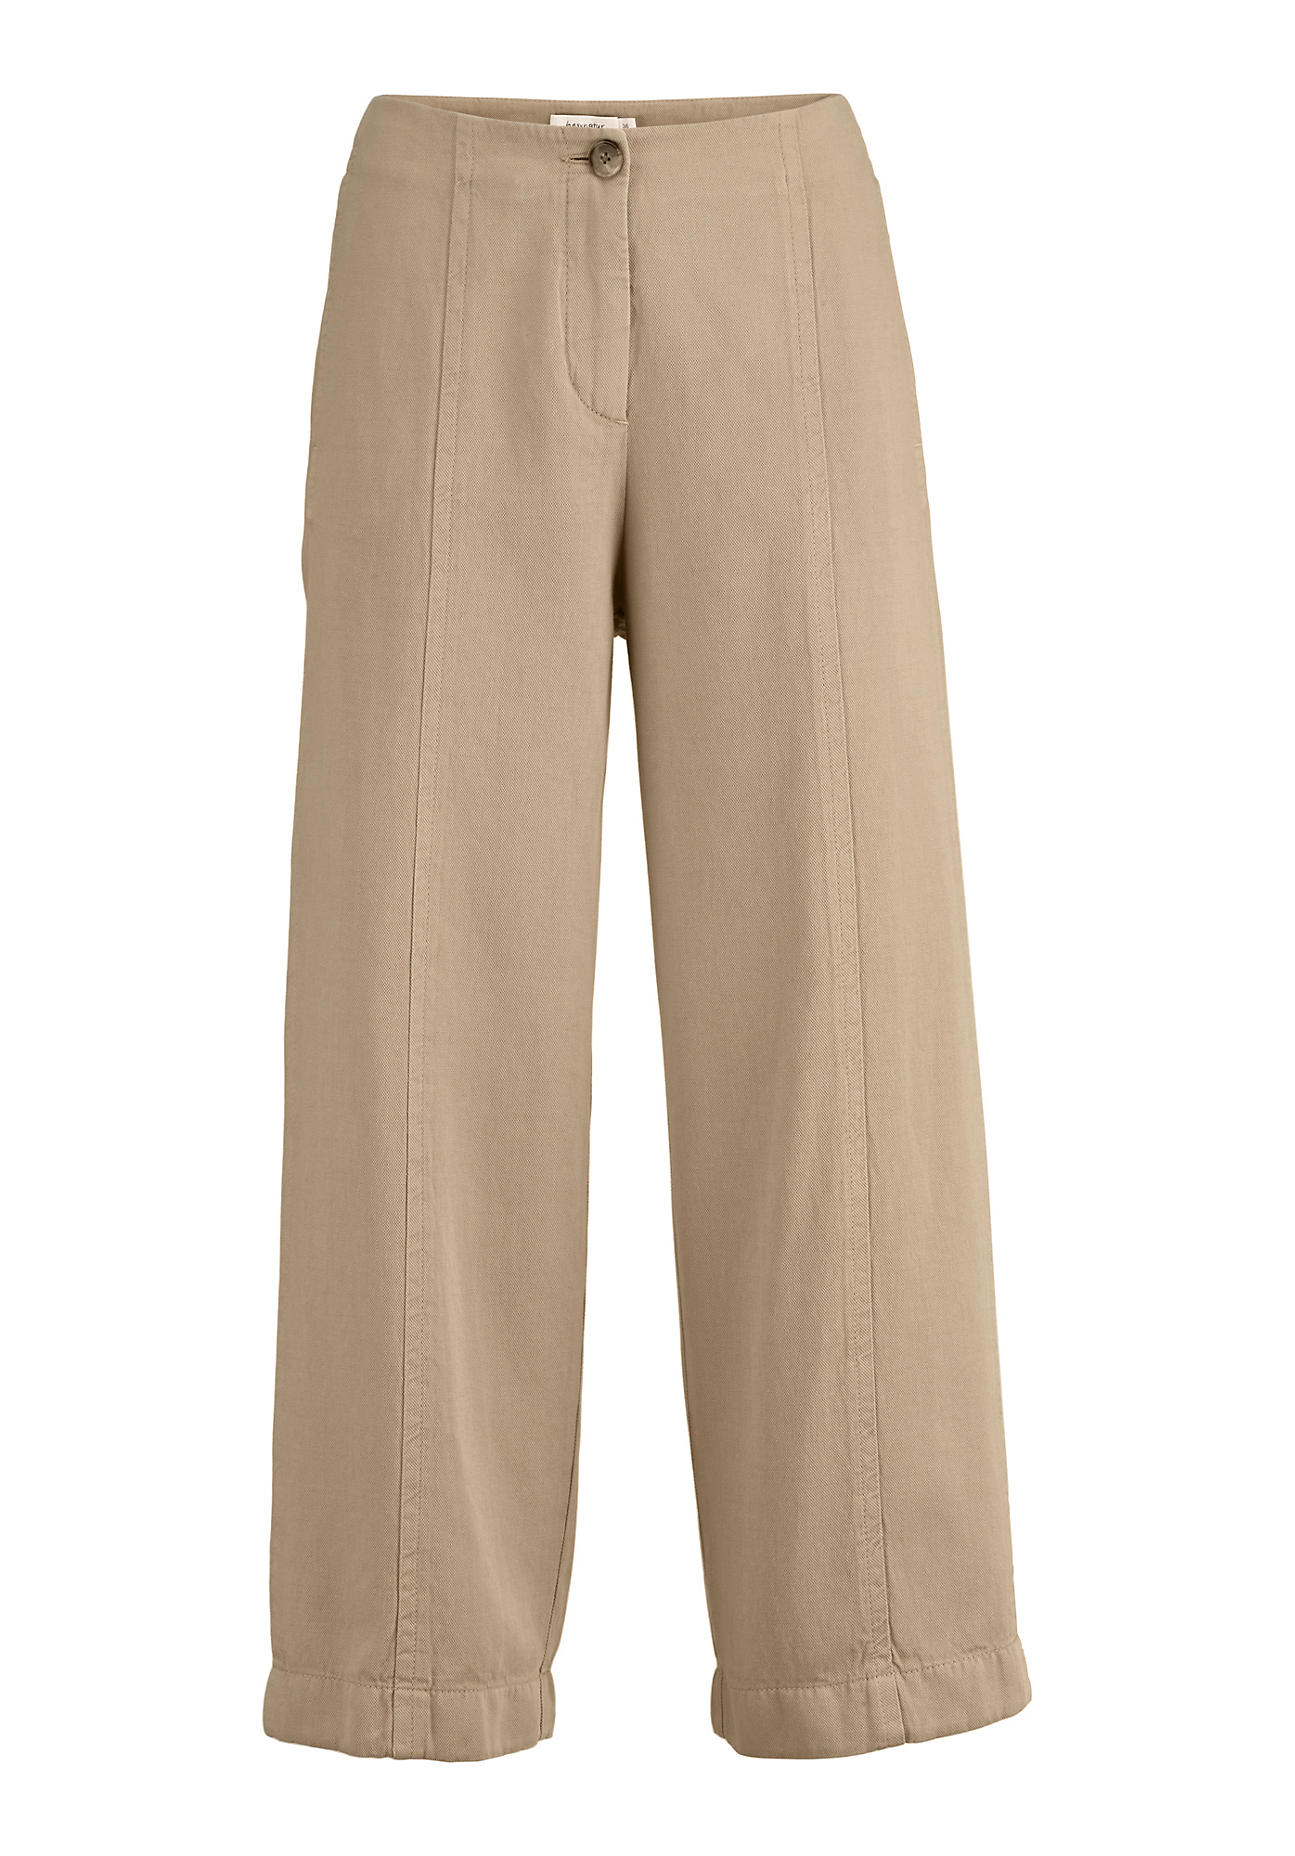 Hosen - hessnatur Damen 7 8 Hose aus Bio Baumwolle mit Leinen – beige –  - Onlineshop Hessnatur